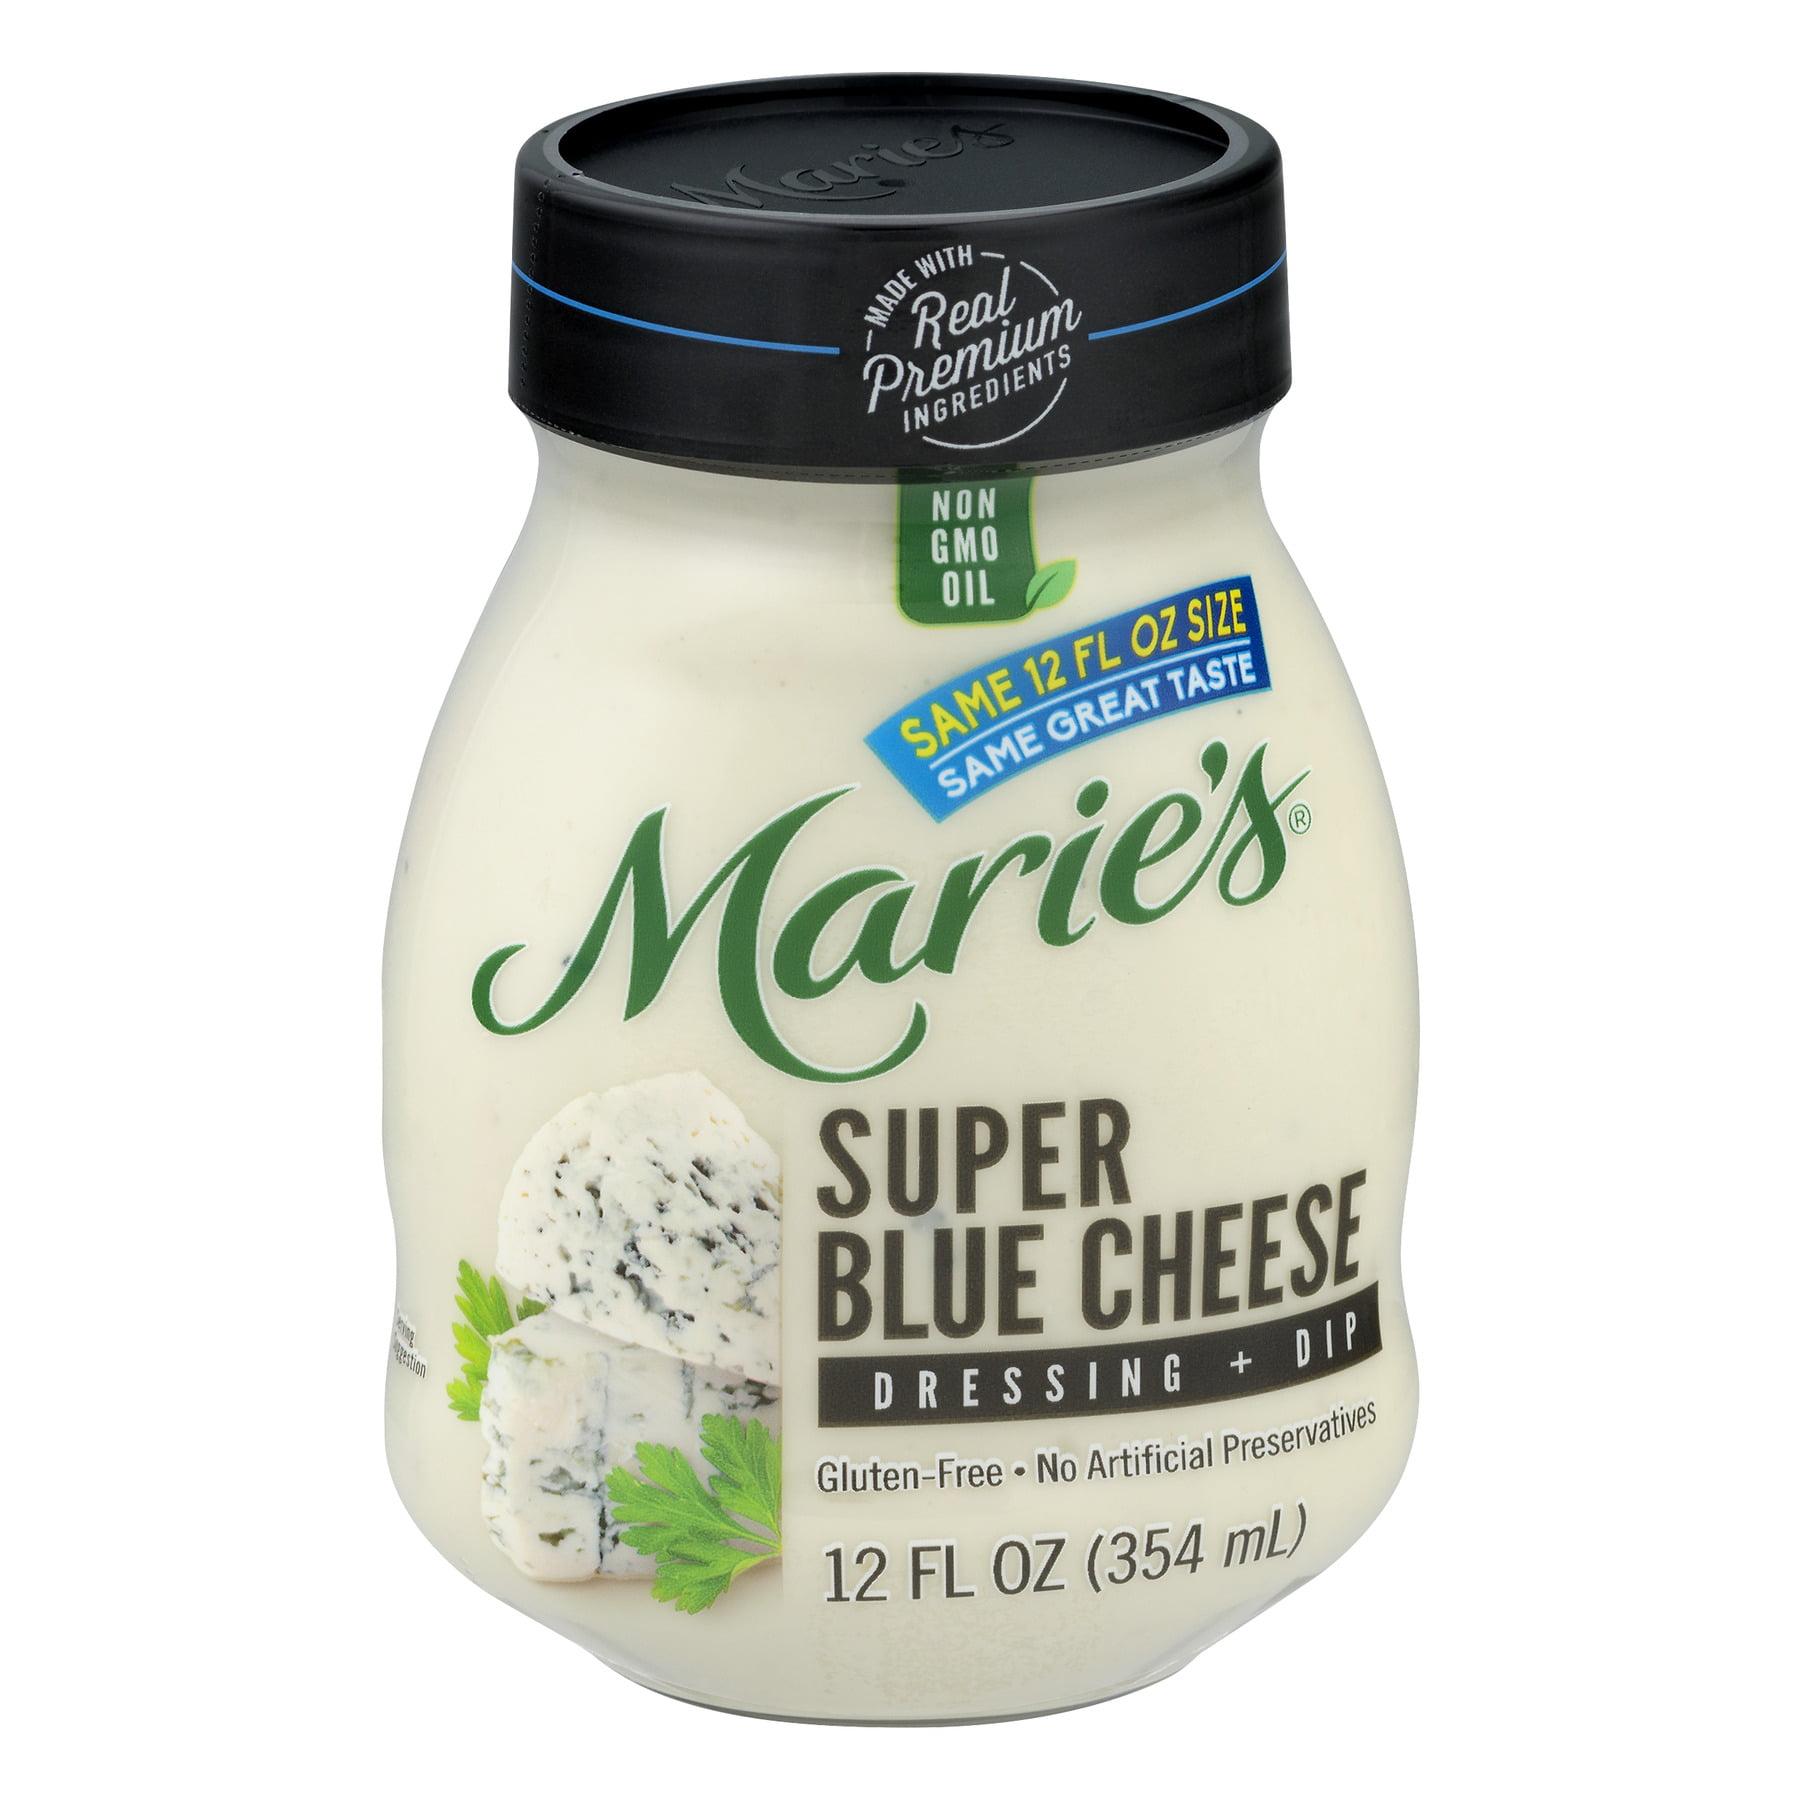 Marie's Super Blue Cheese Dressing & Dip, 12 fl oz